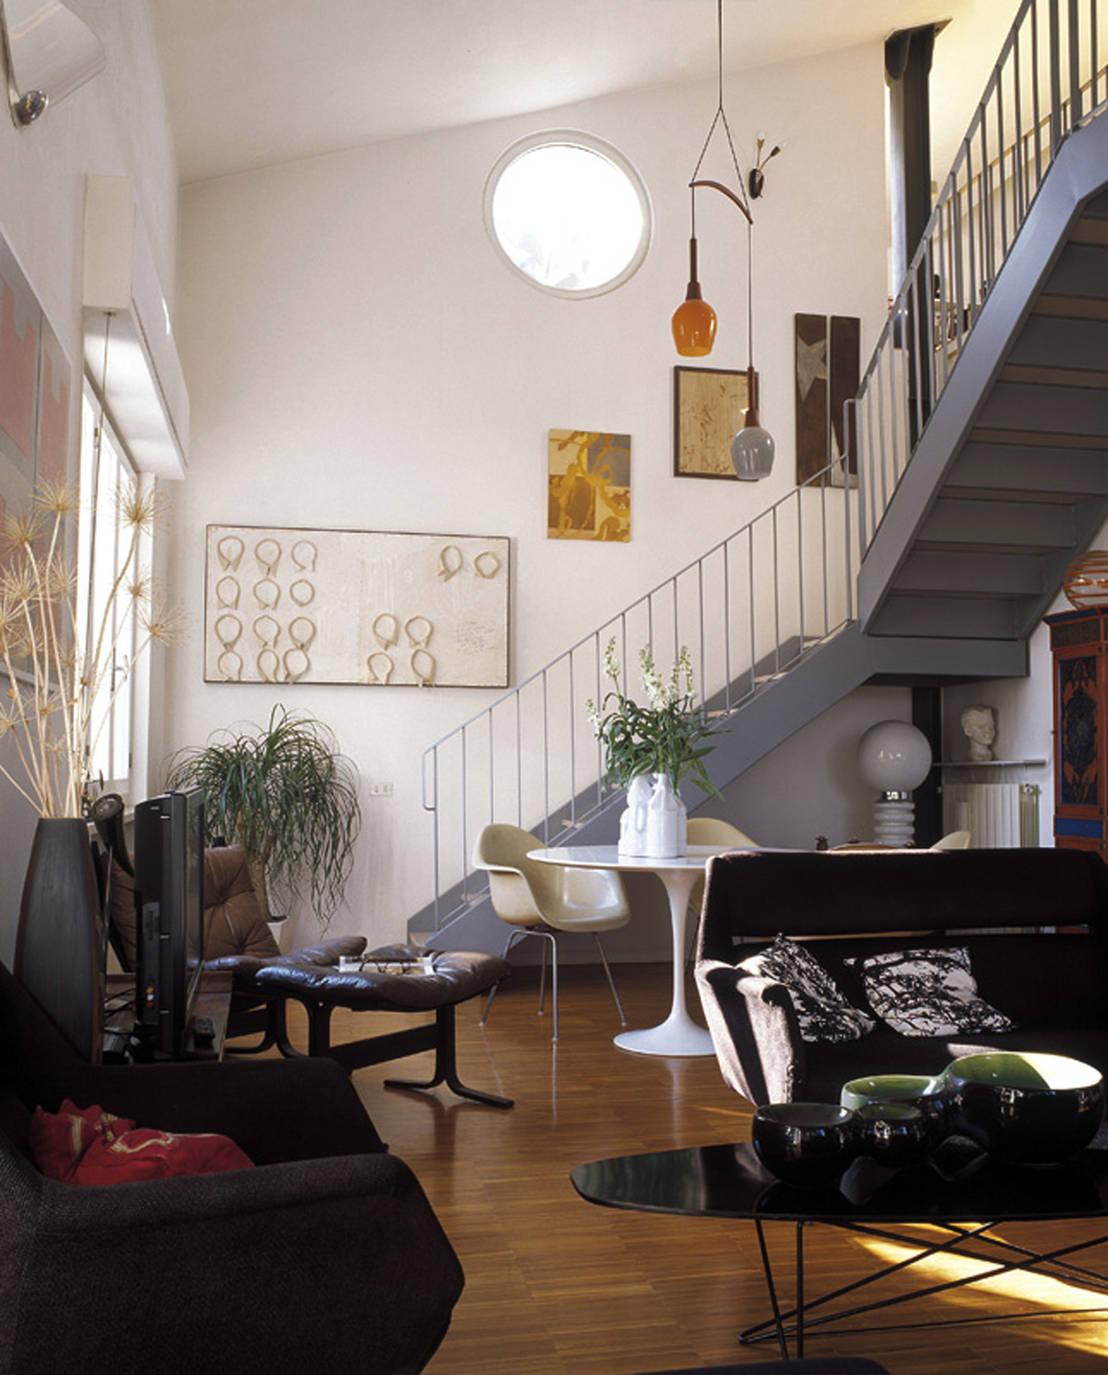 Appartamento a viareggio di marco innocenti architetto for Consulenza architetto gratuita